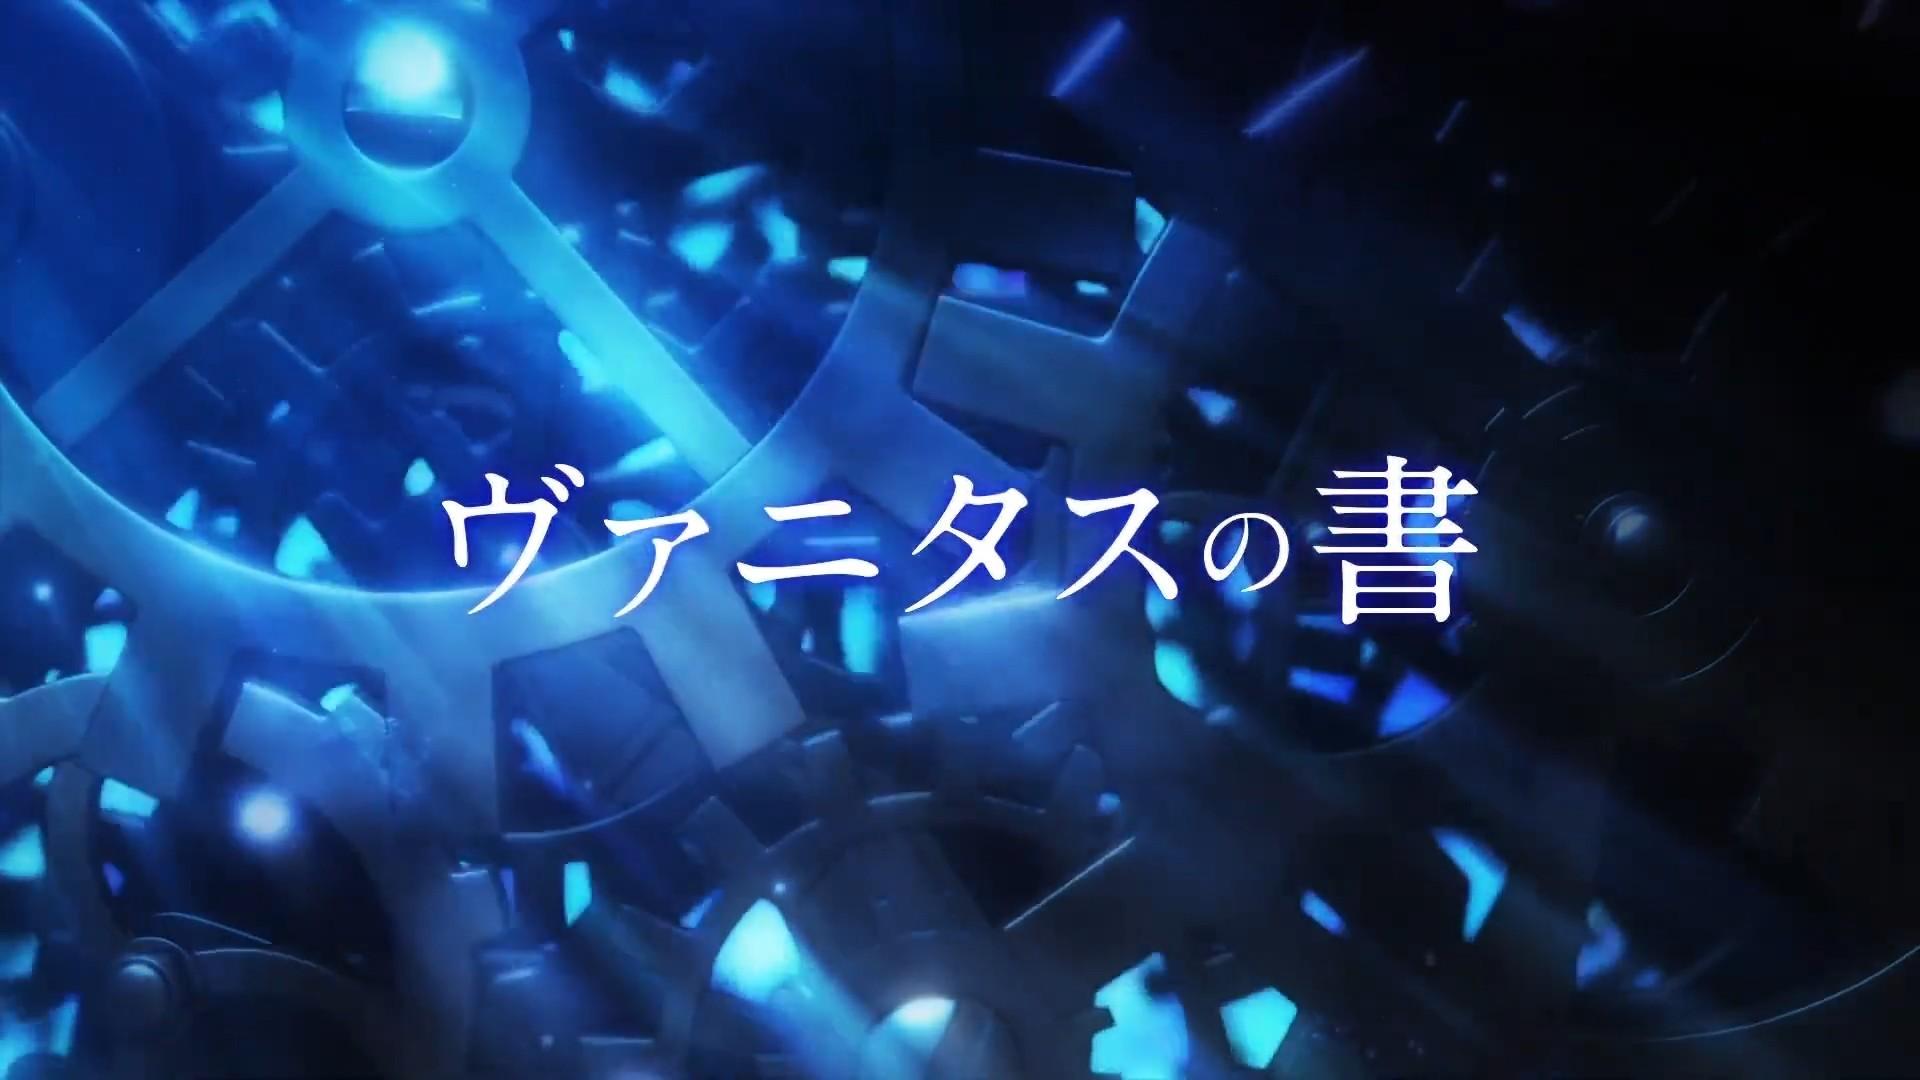 【动漫情报】《潘多拉之心》作者新作改编动画《瓦尼塔斯的手记》短PV公开,7月播出